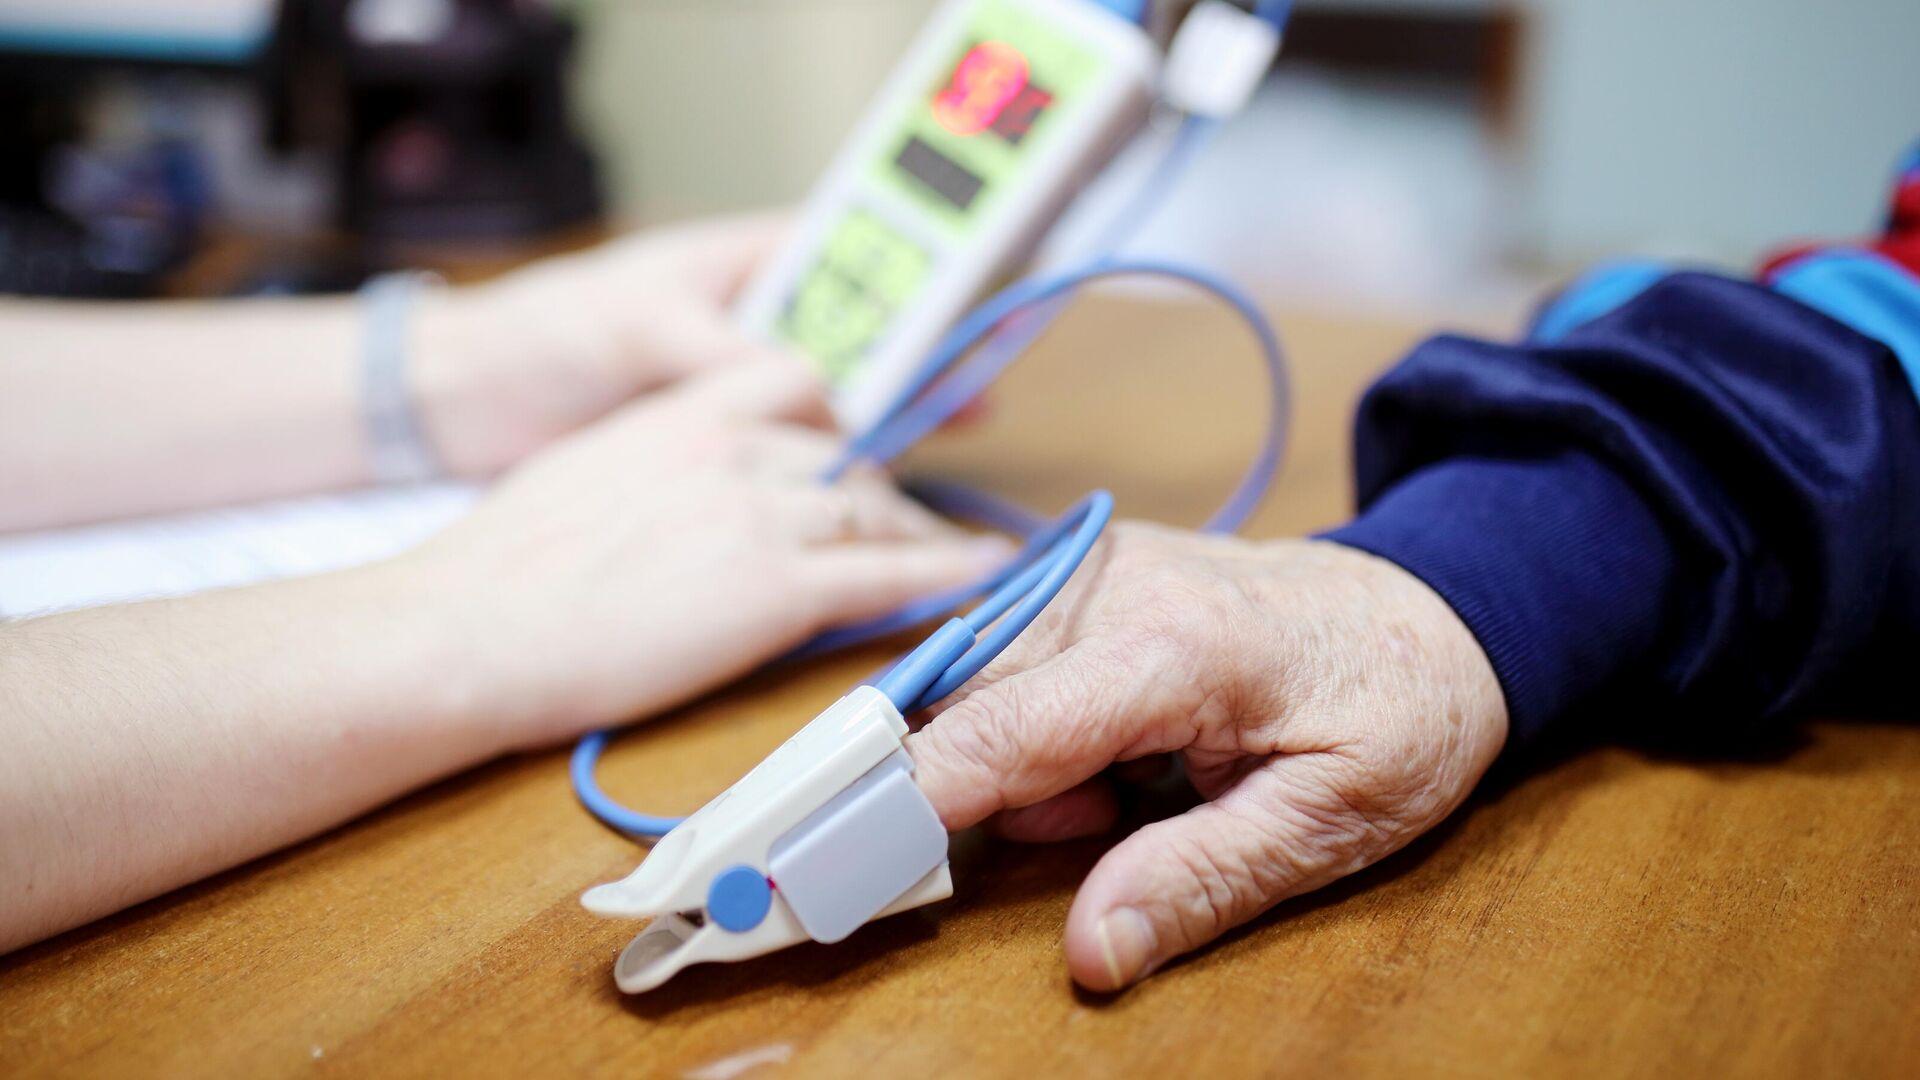 Врач измеряет концентрацию кислорода в крови у пациента, перенесшего коронавирус - РИА Новости, 1920, 03.08.2021